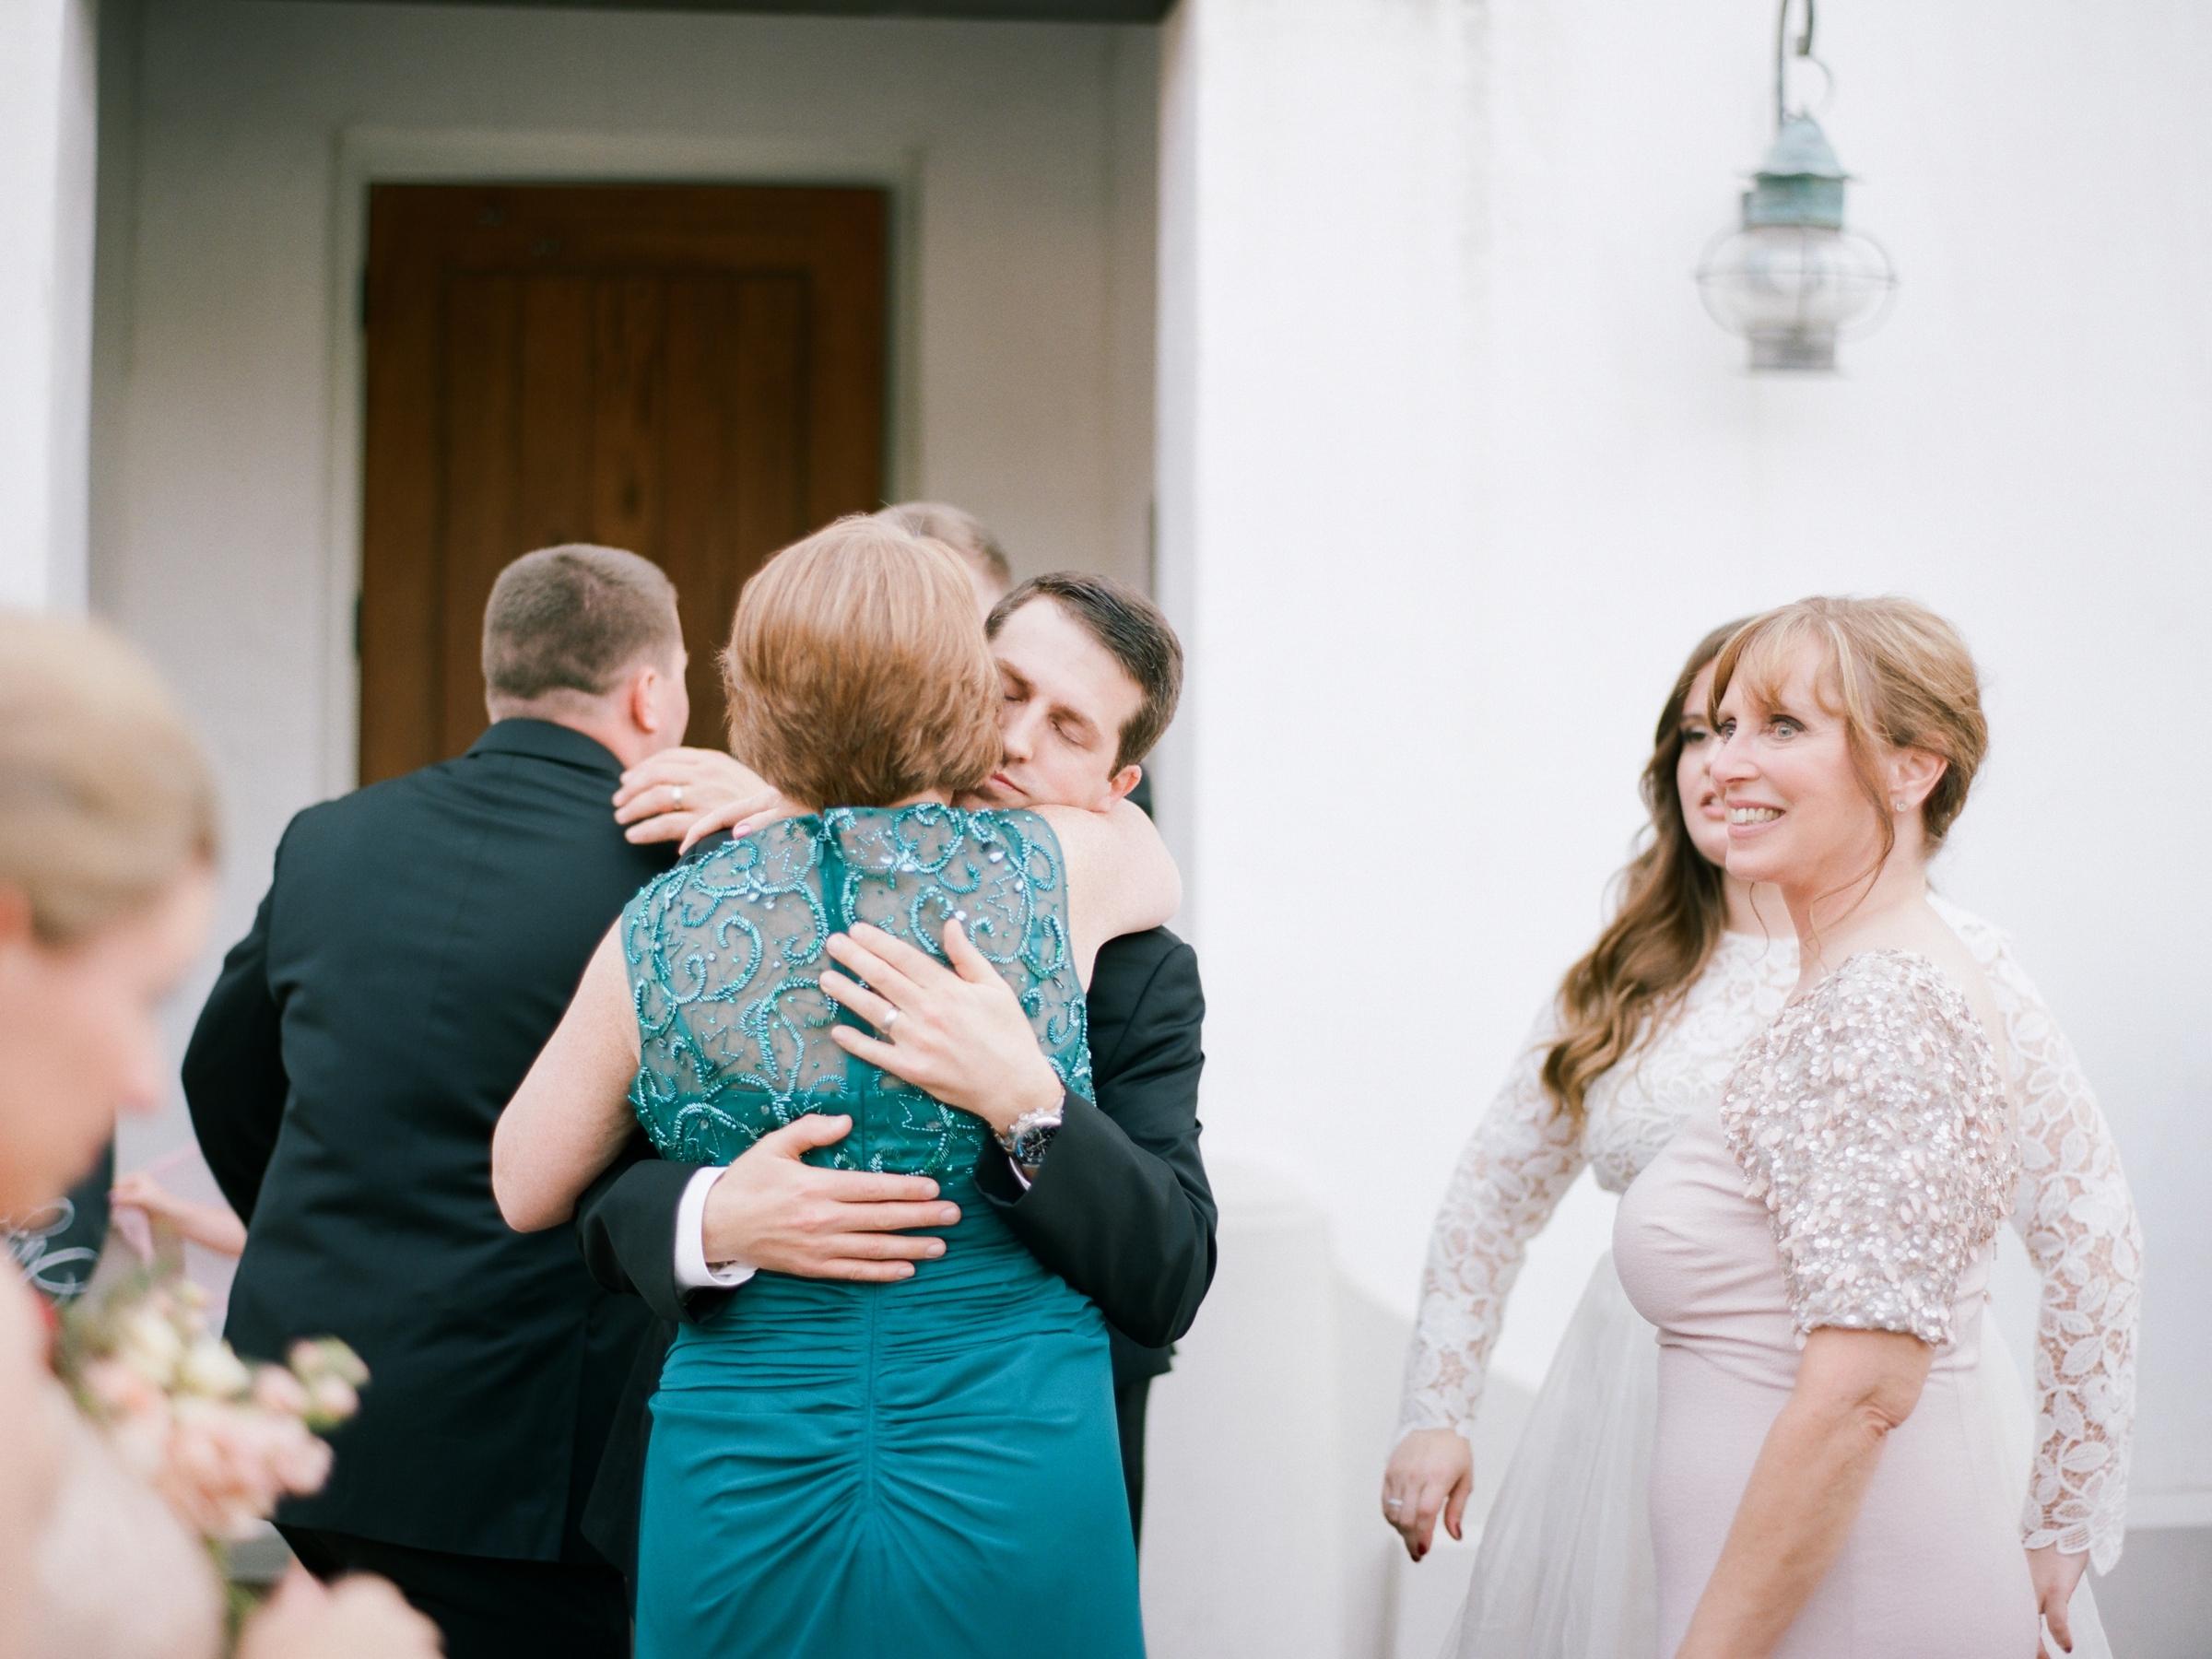 rosemary_beach_wedding_photographer_shannon_griffin_0036.jpg